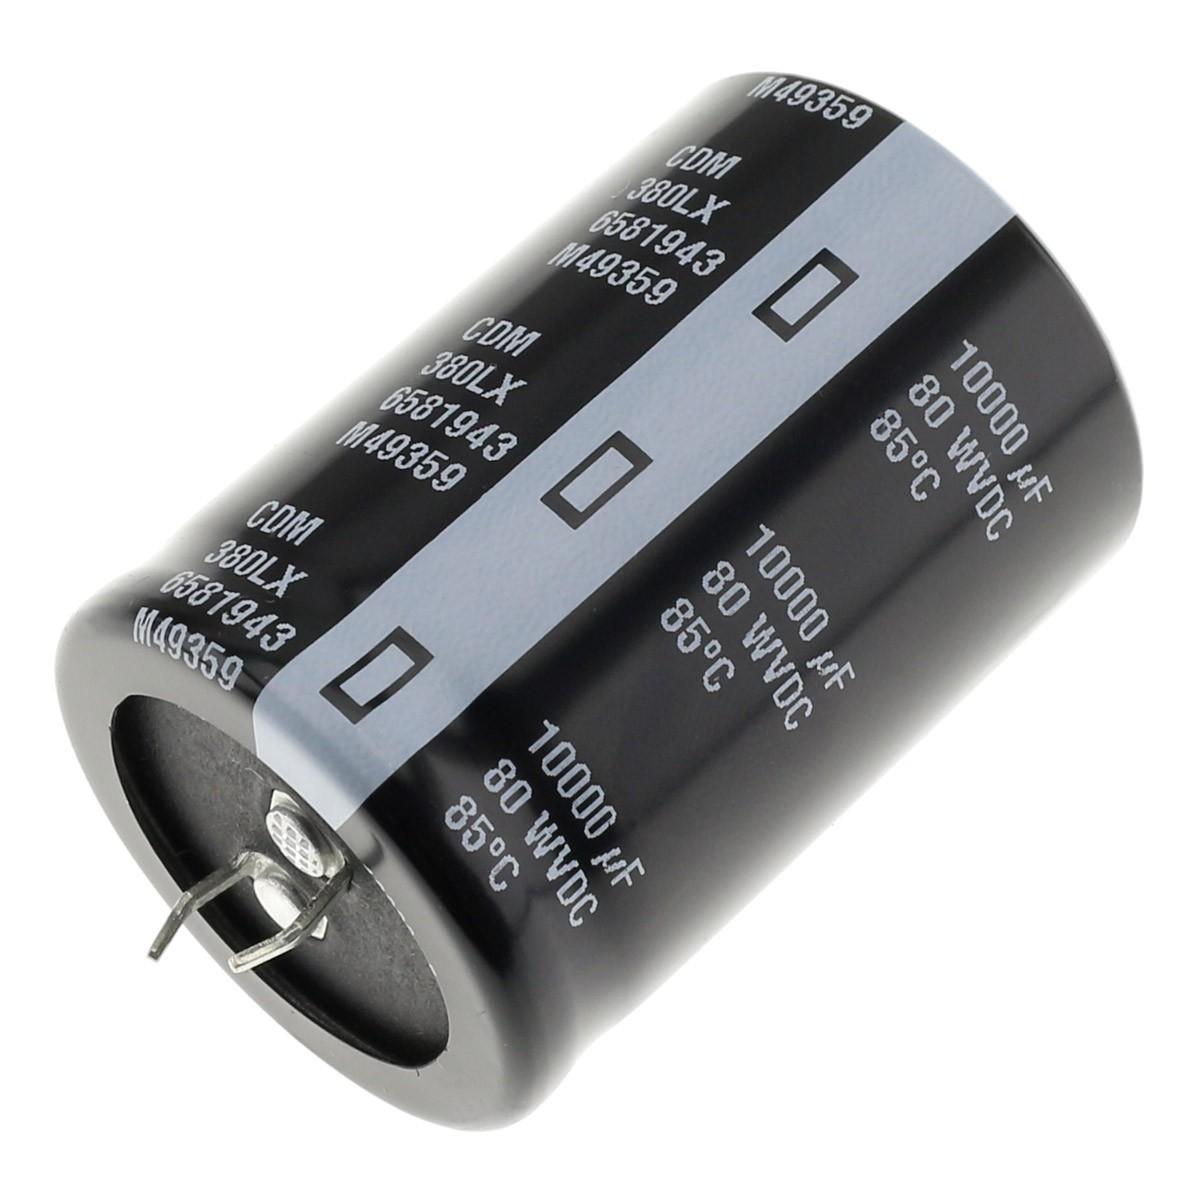 CORNELL DUBLIER Aluminium Capacitor 80V 10000µF